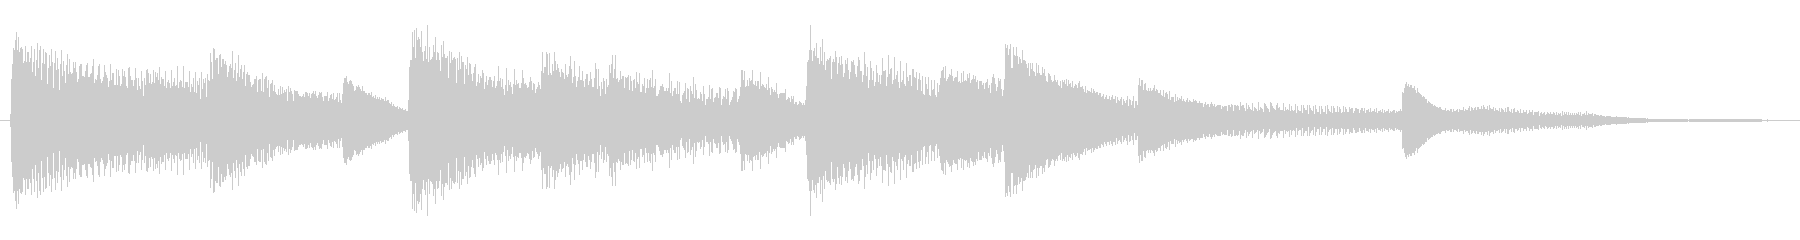 軽やかなピアノのサウンドロゴの未再生の波形